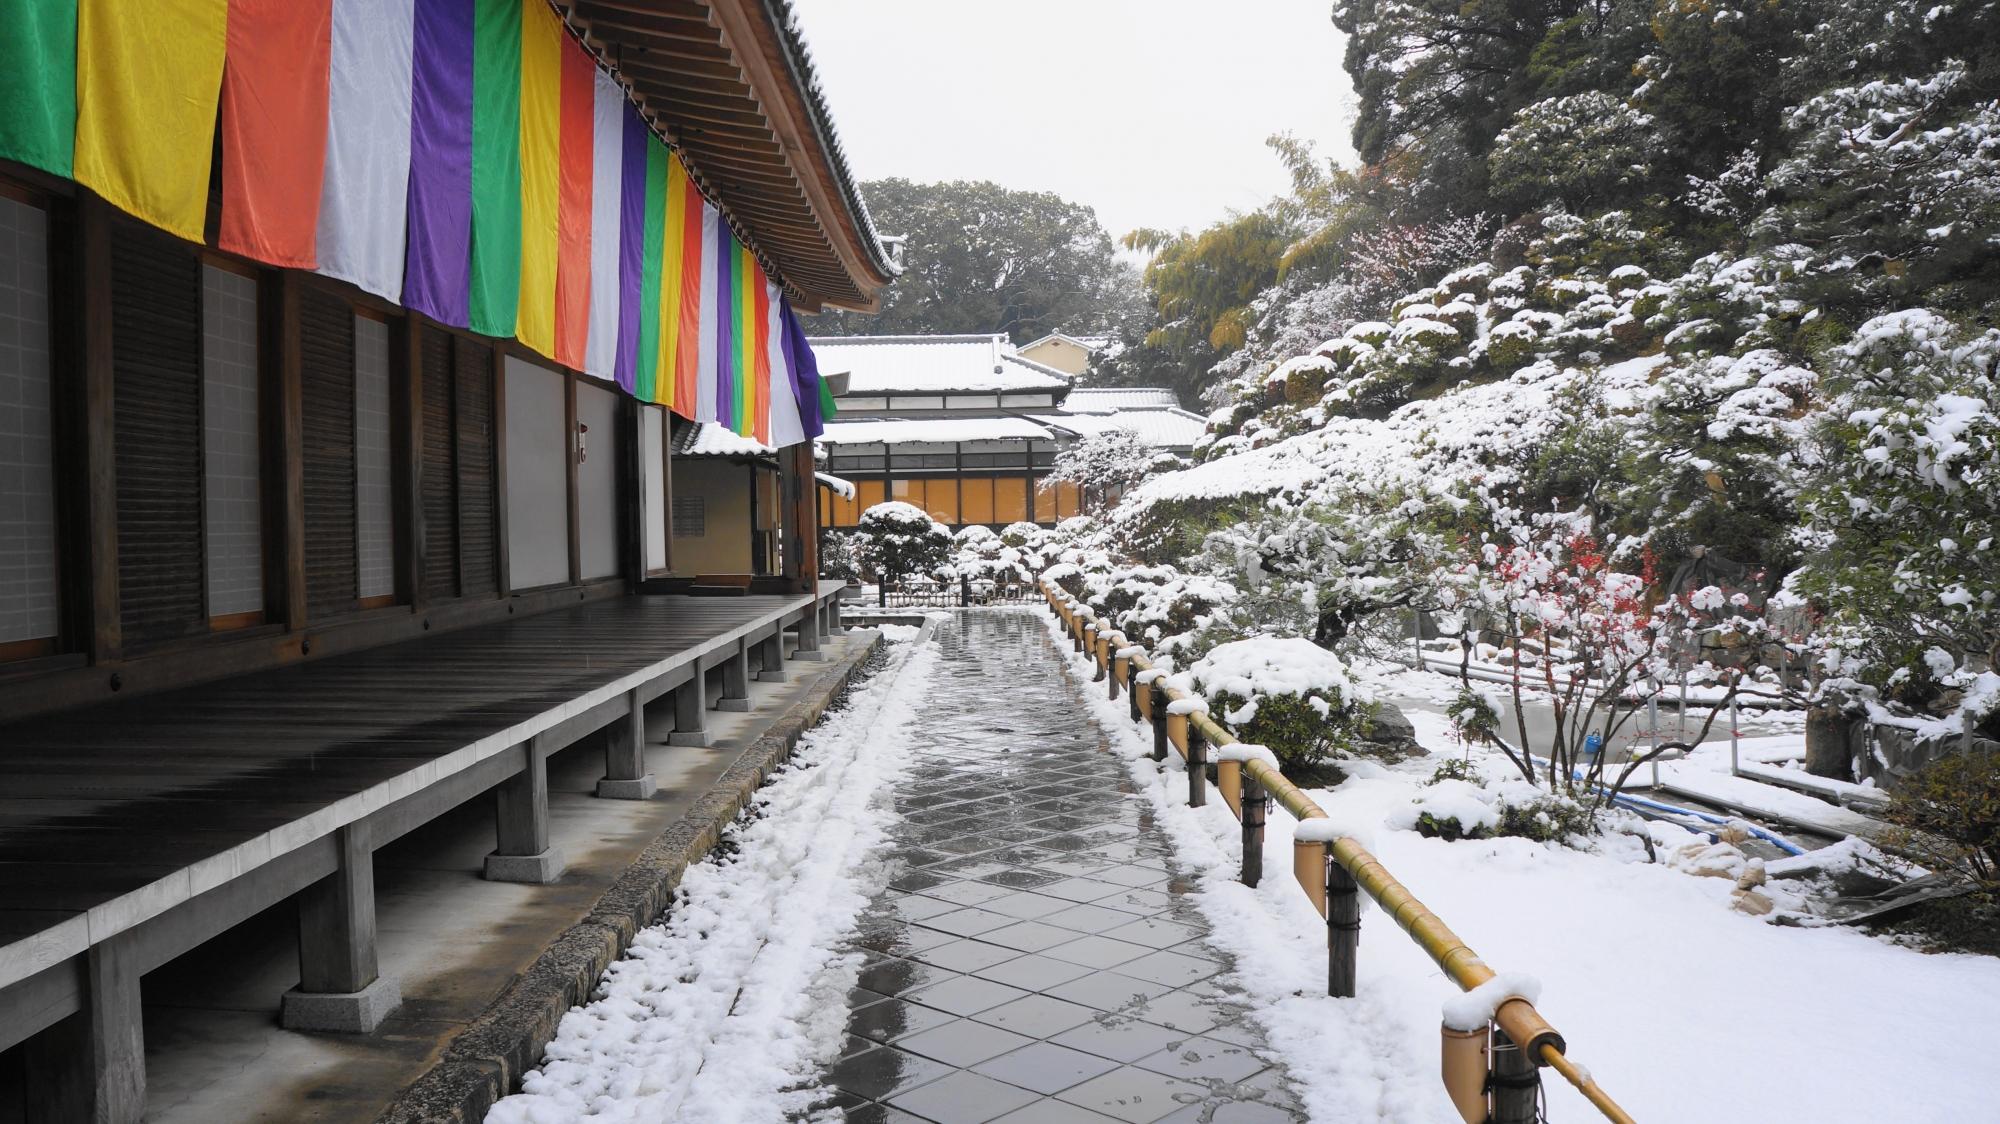 講堂と周囲の雪の庭園